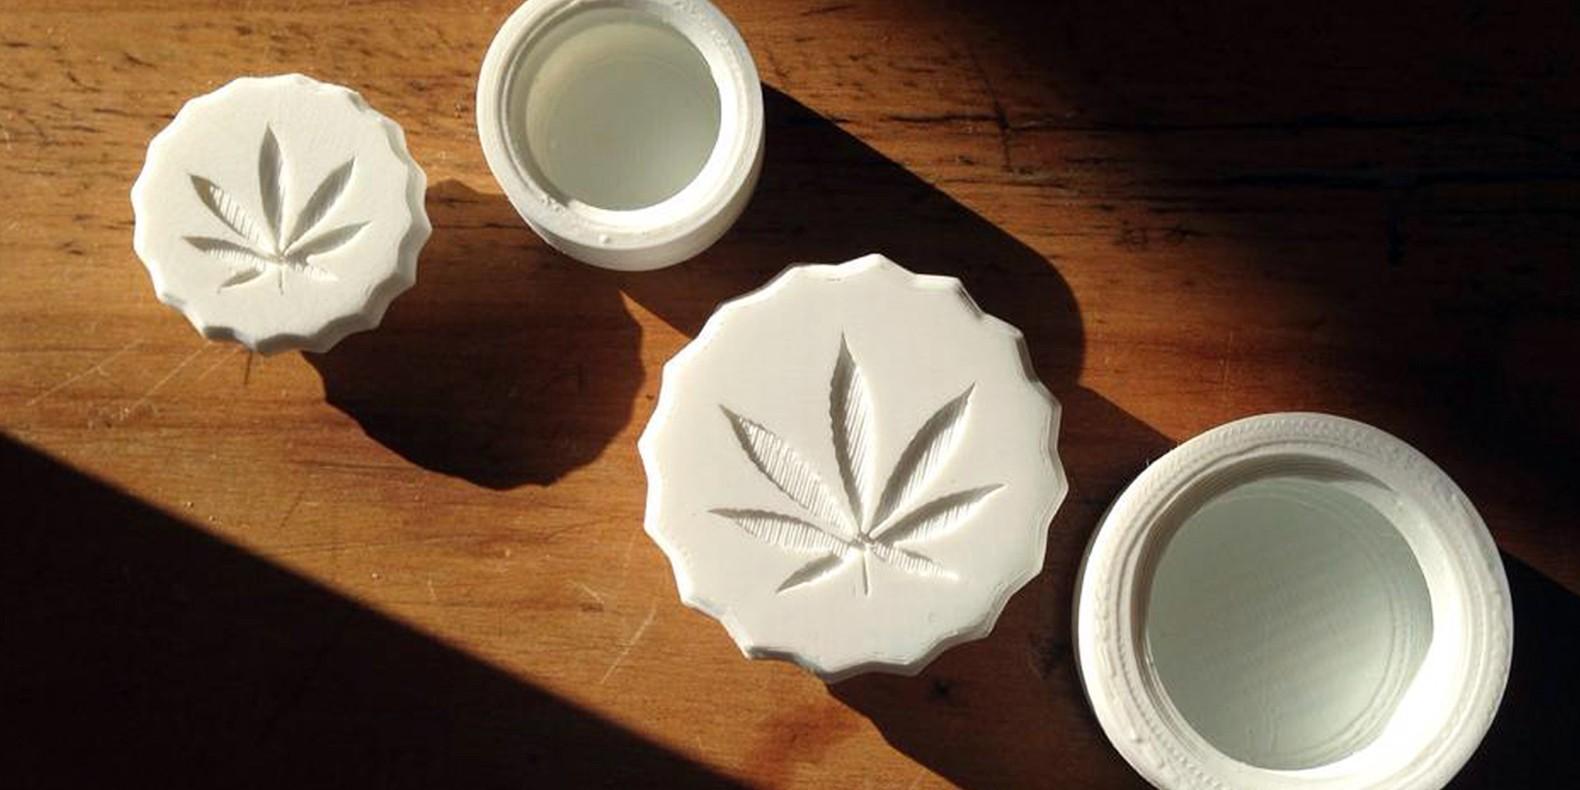 Encuentre aquí una selección de los mejores modelos 3D de cannabis para hacer con una impresora 3D